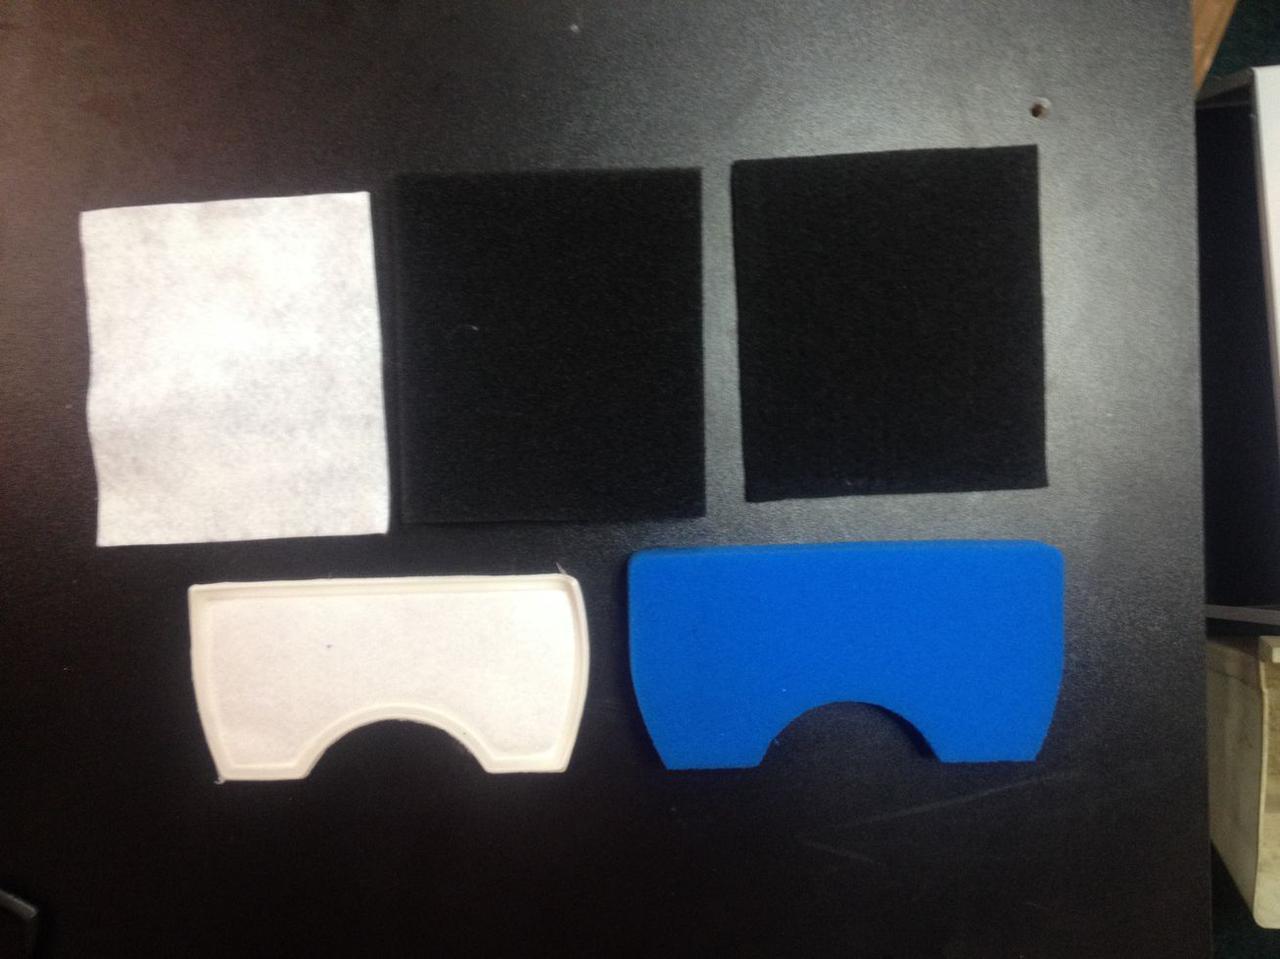 Фильтр внутренний (поролон) для пылесоса Samsung DJ97-01040C (not original)